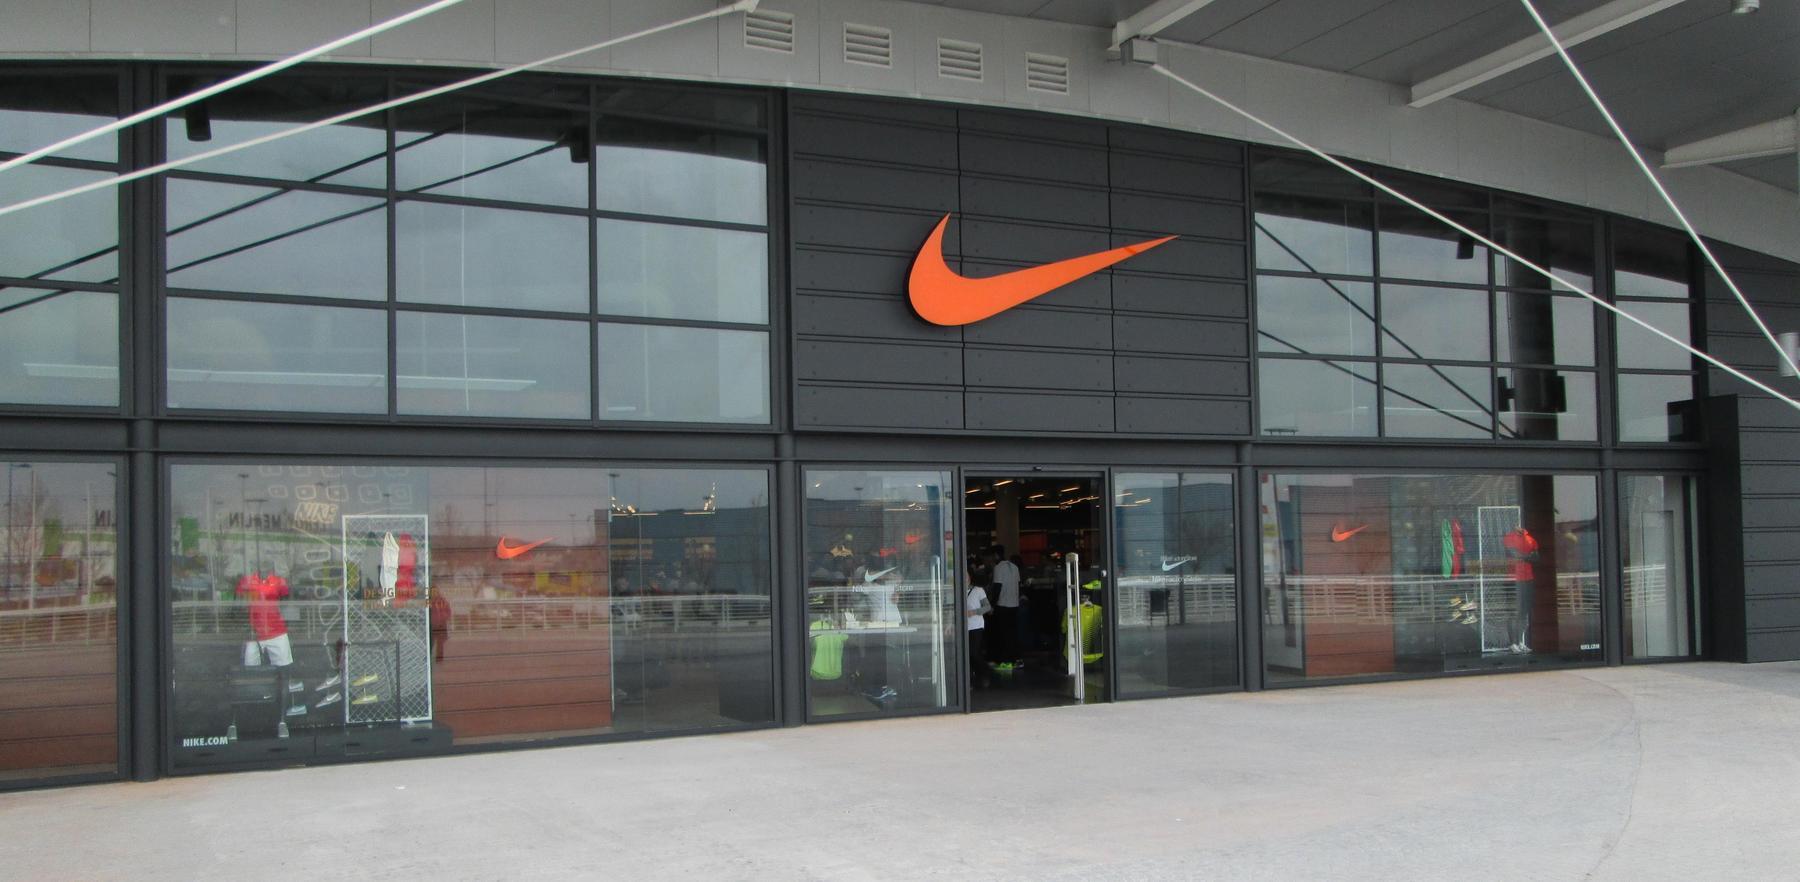 c3bae1e7260b1 Nike Factory Store Madrid H2O. Rivas Vaciamadrid